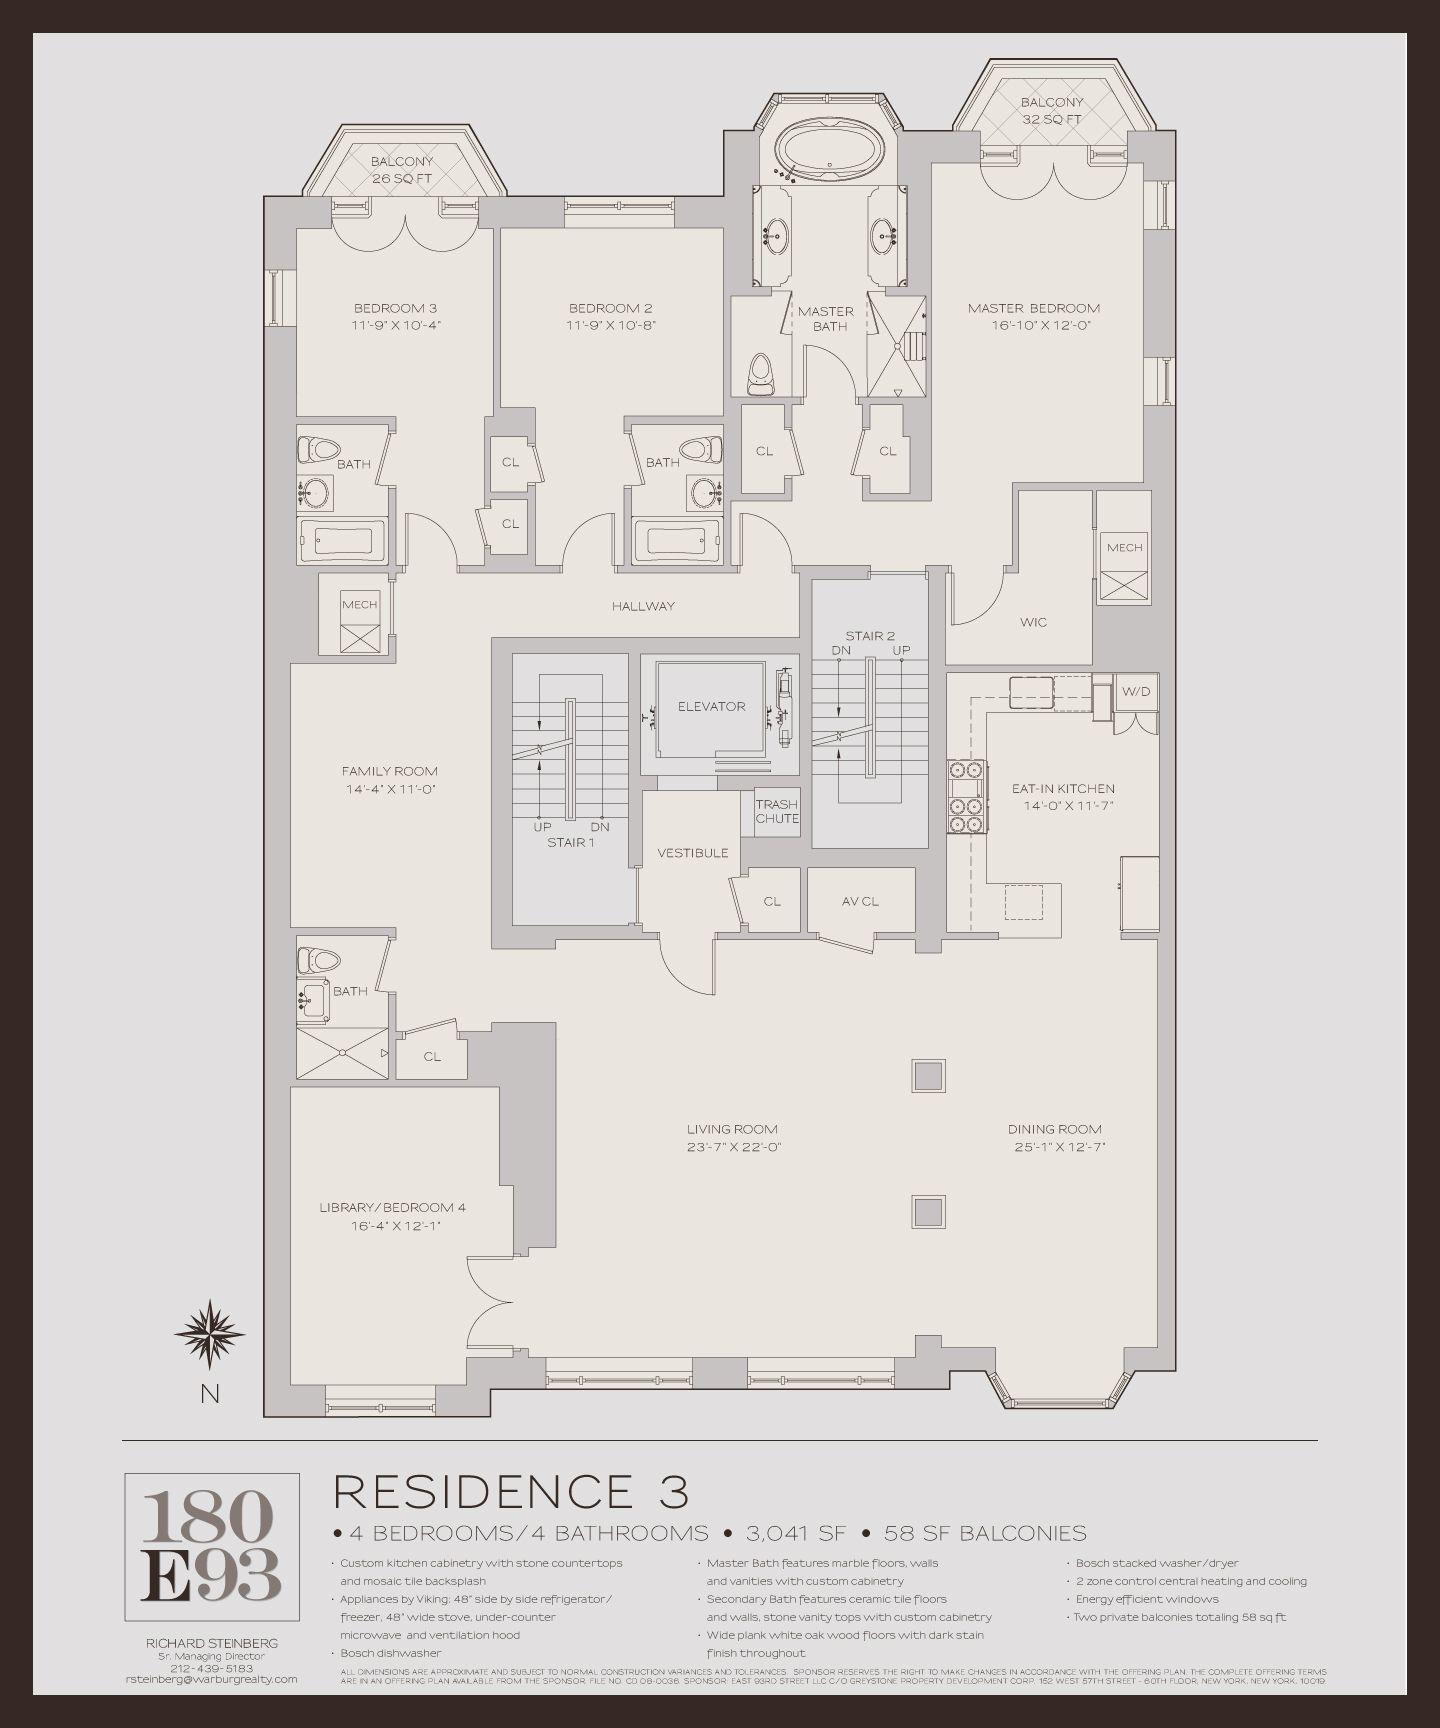 180E93 : Residence 3 In 2019